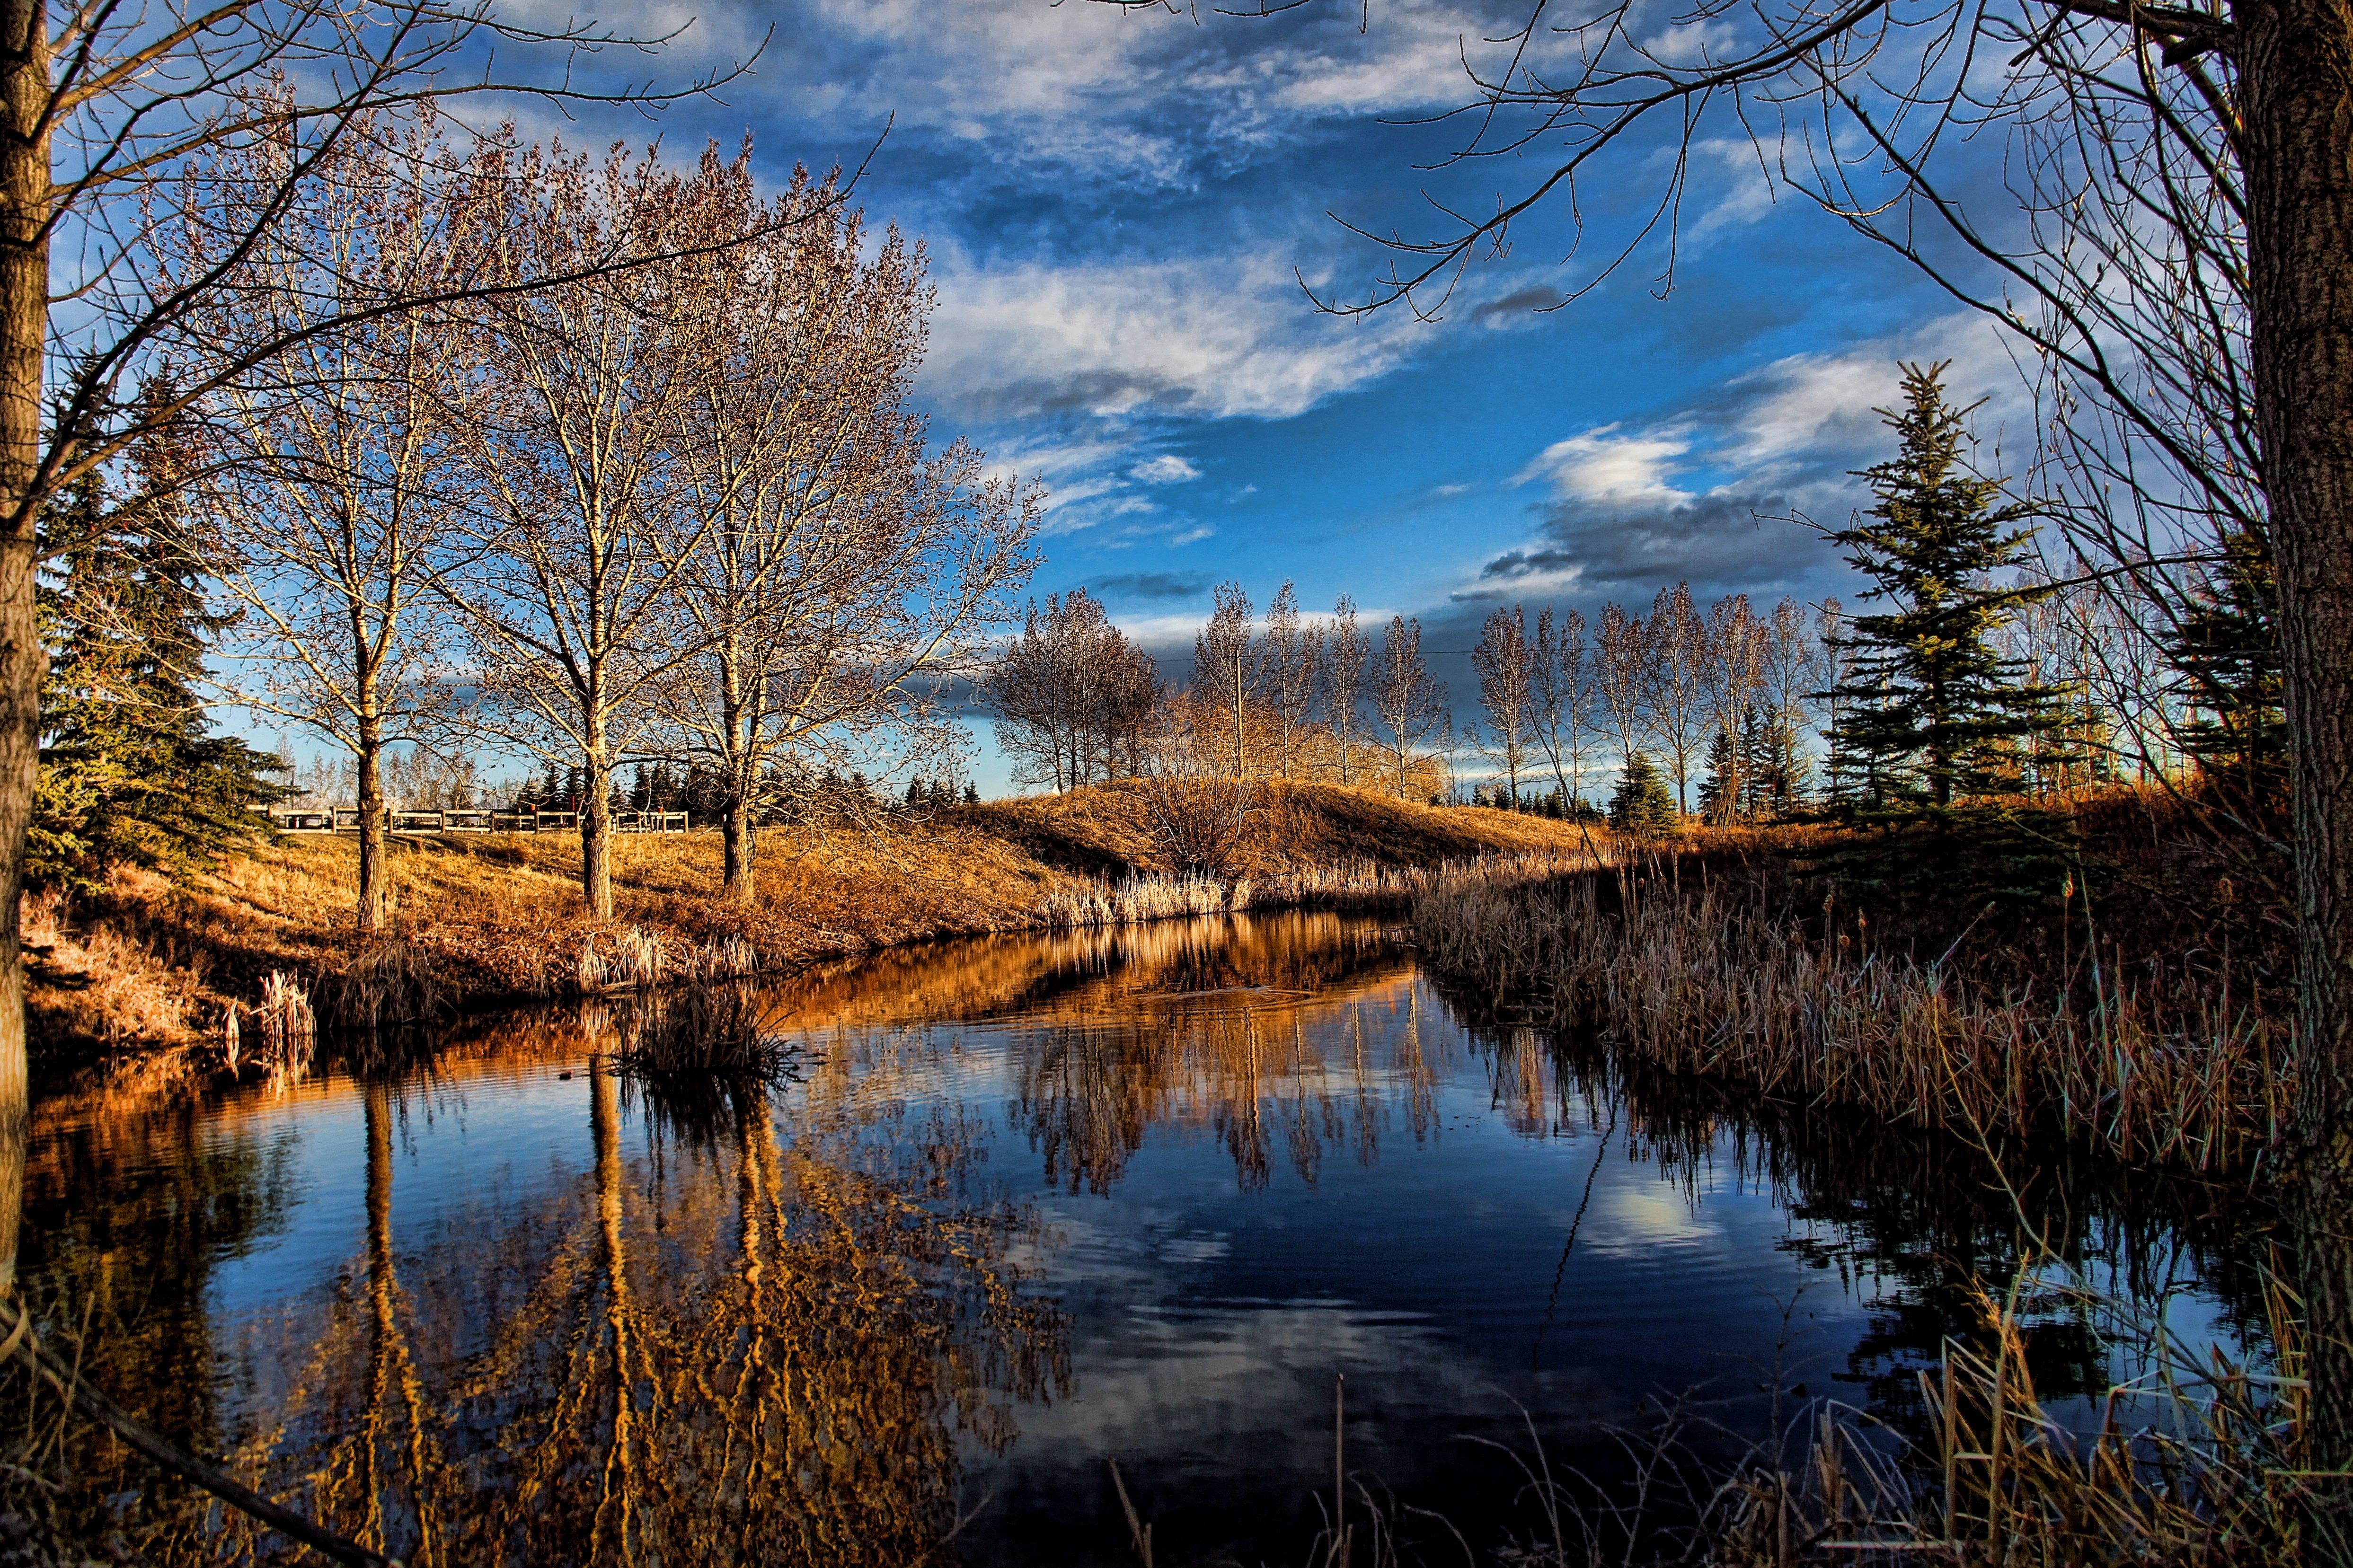 природа озеро деревья небо оссень  № 2535993 без смс